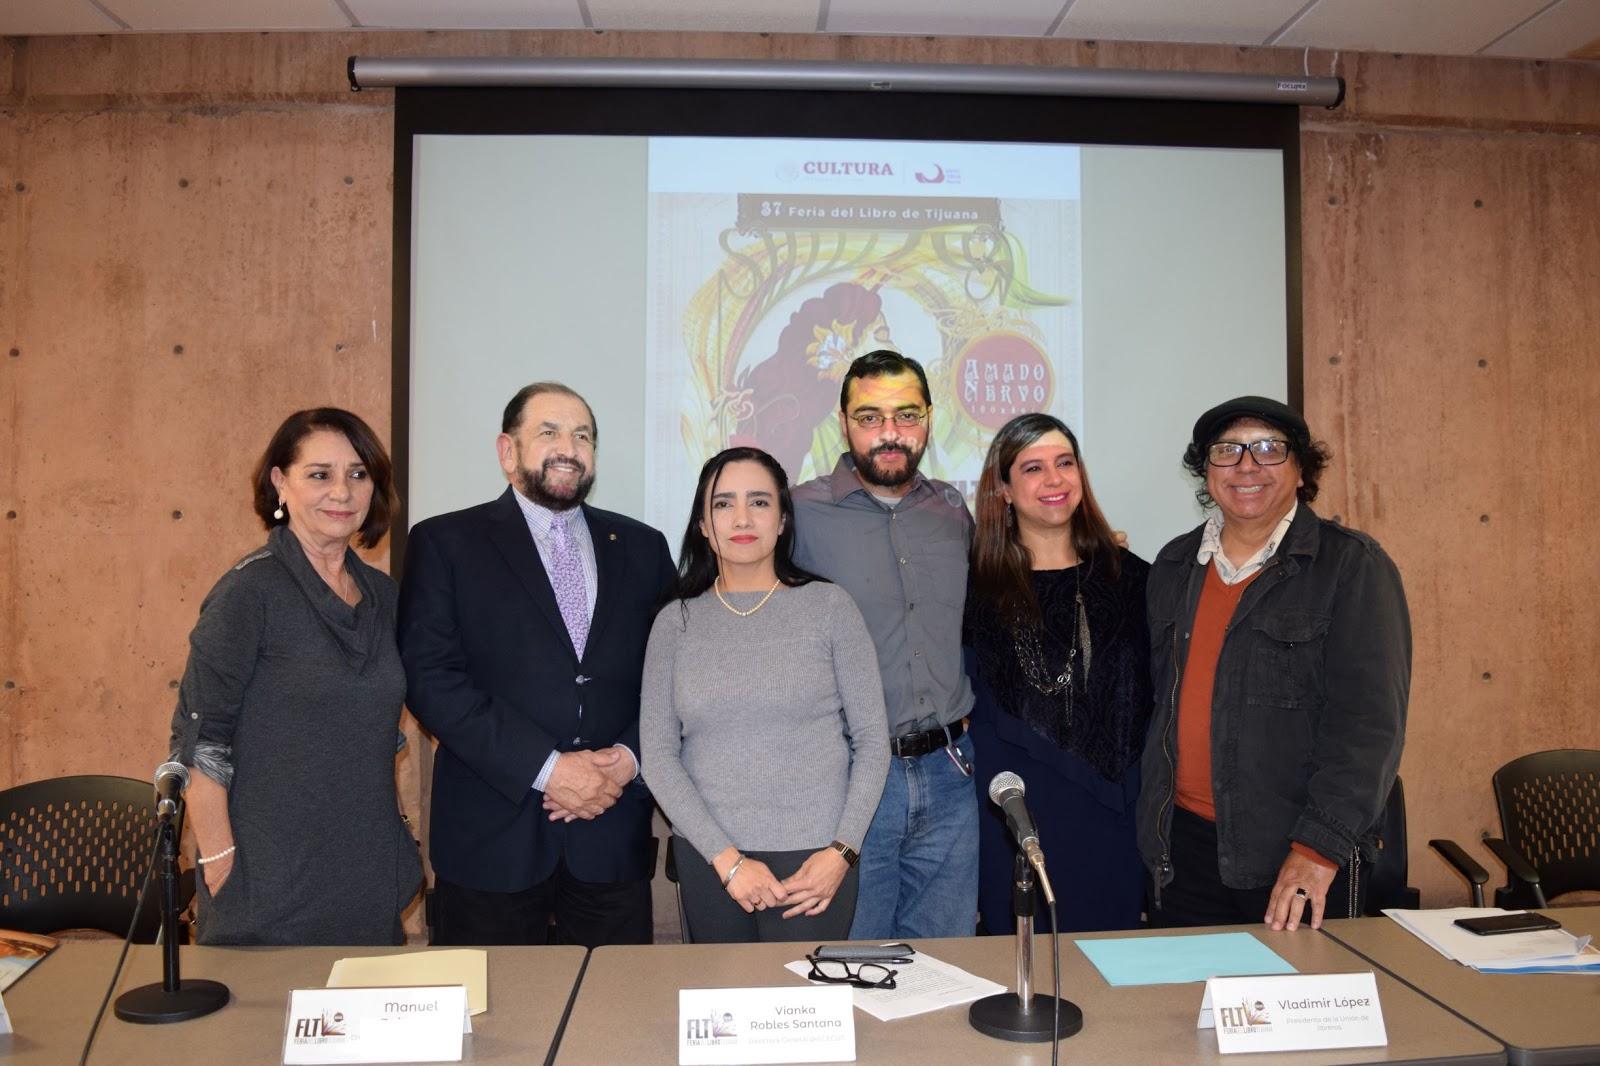 Planea el CECUT volver internacional la Feria del Libro de Tijuana a partir del próximo año: el 2020